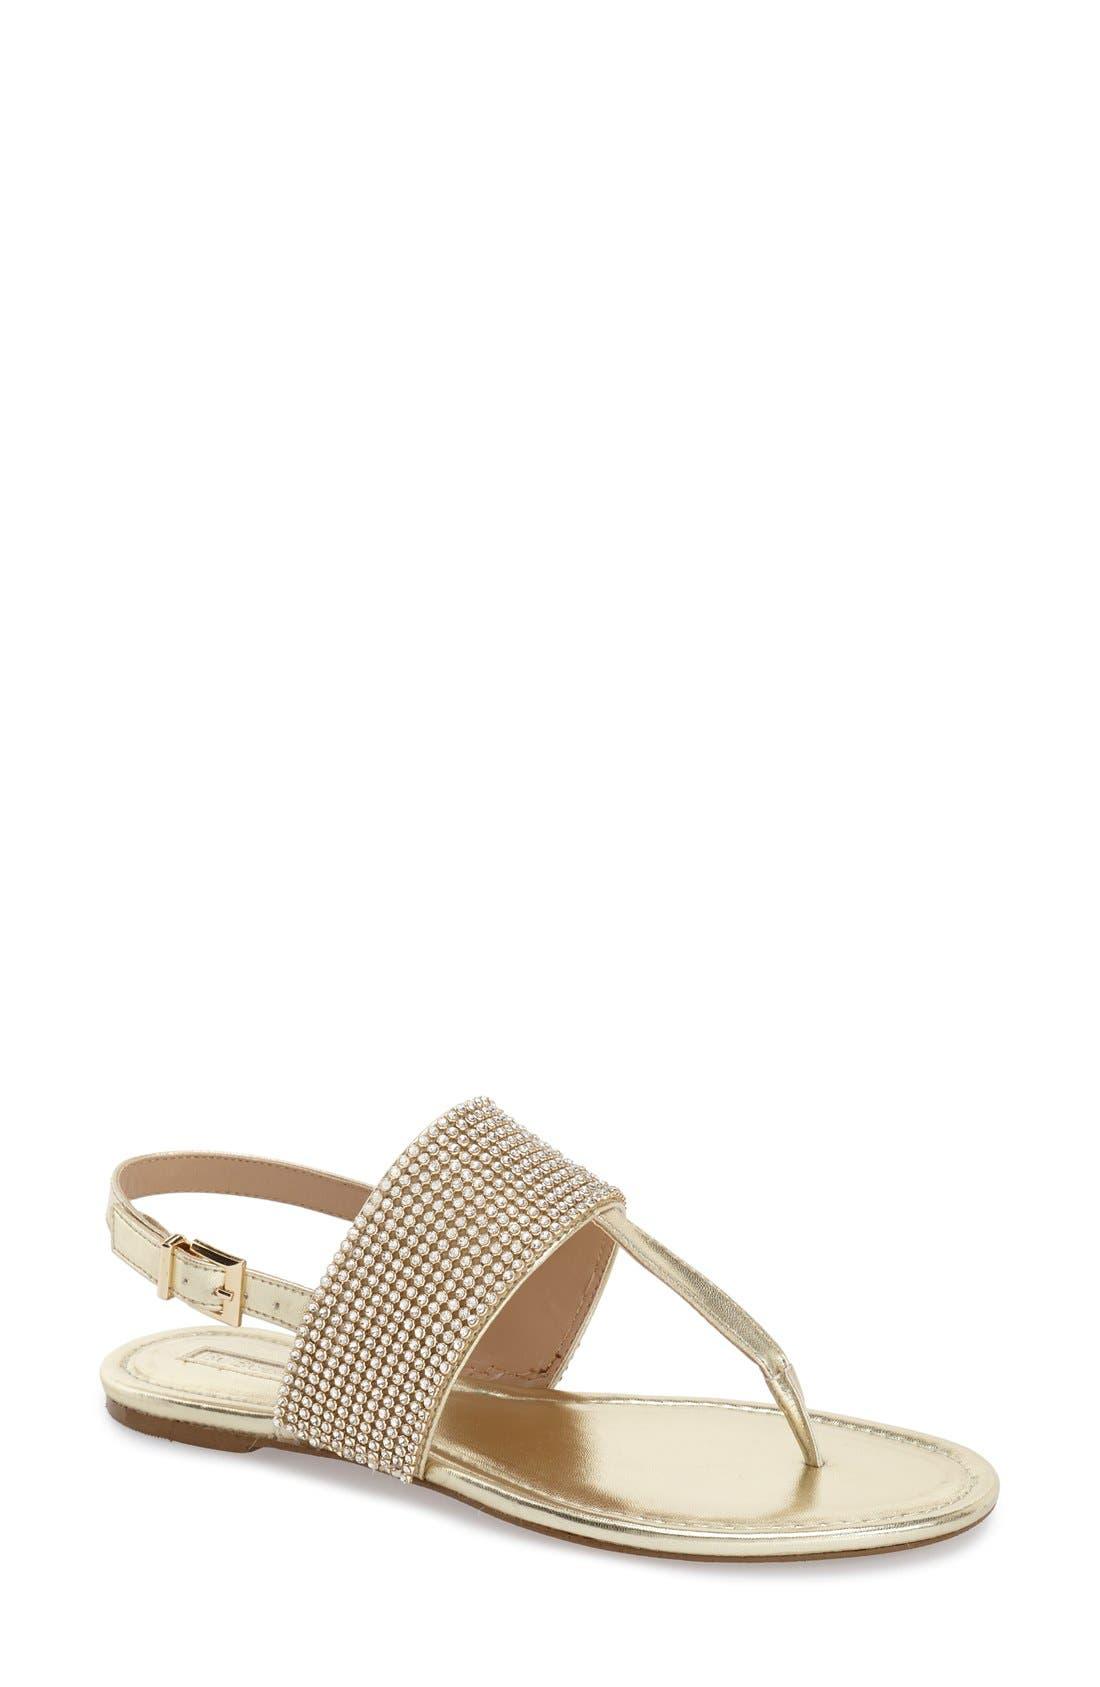 Main Image - BCBGeneration 'Wander' Embellished Flat Sandal (Women)